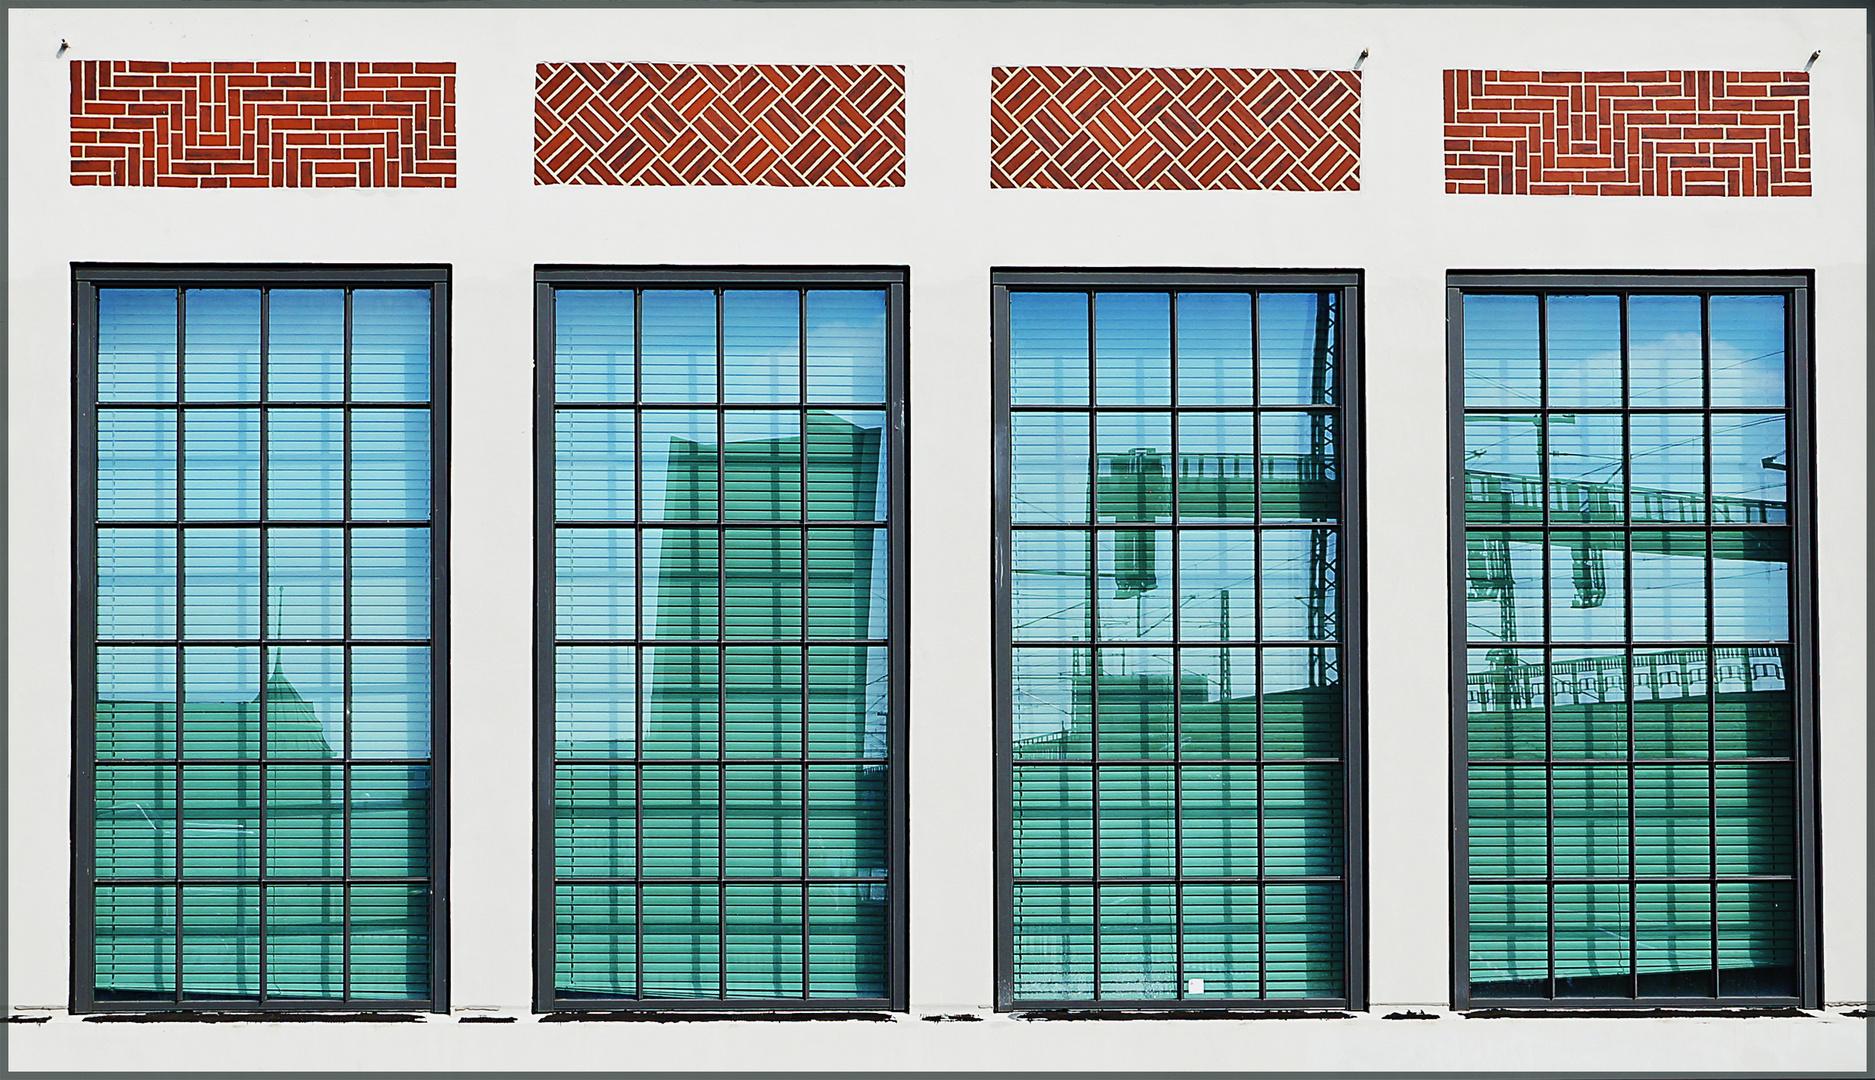 Fensterfront - Deichtorhallen